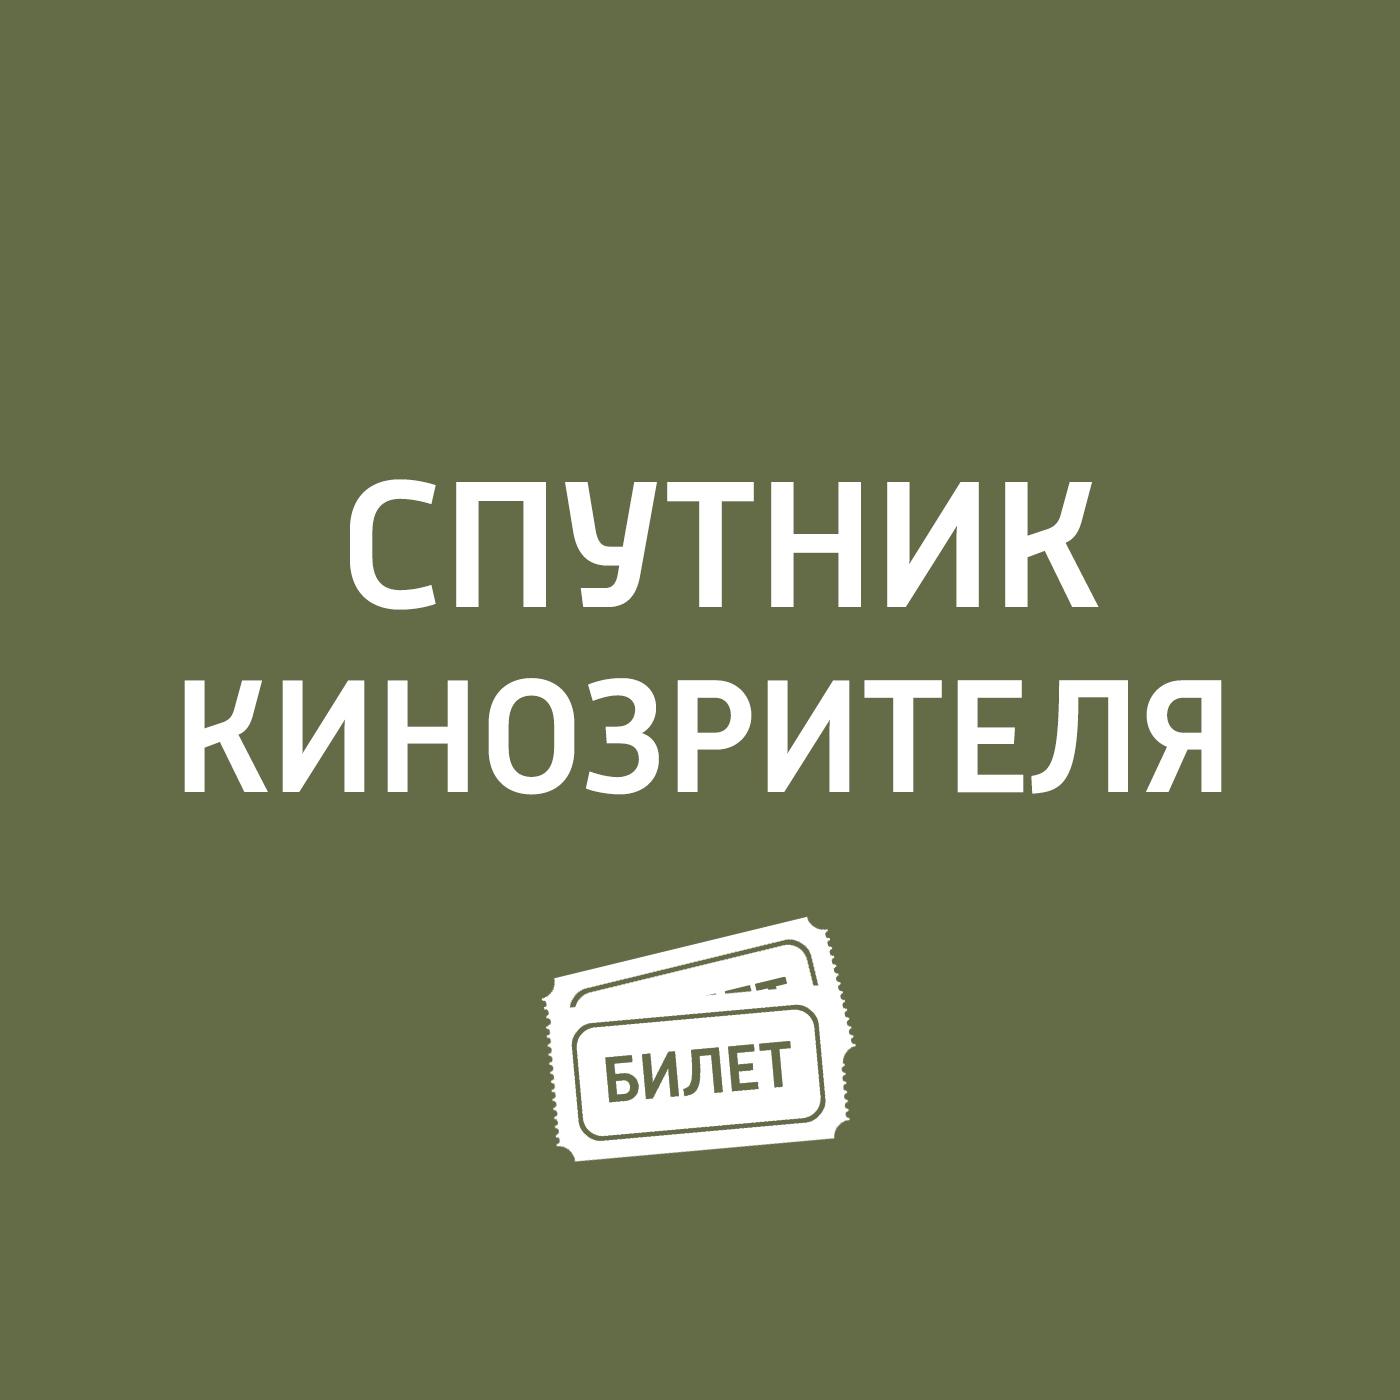 Антон Долин Премьеры. «Мобильник, «Отмель, «Гений, «В тихом омуте